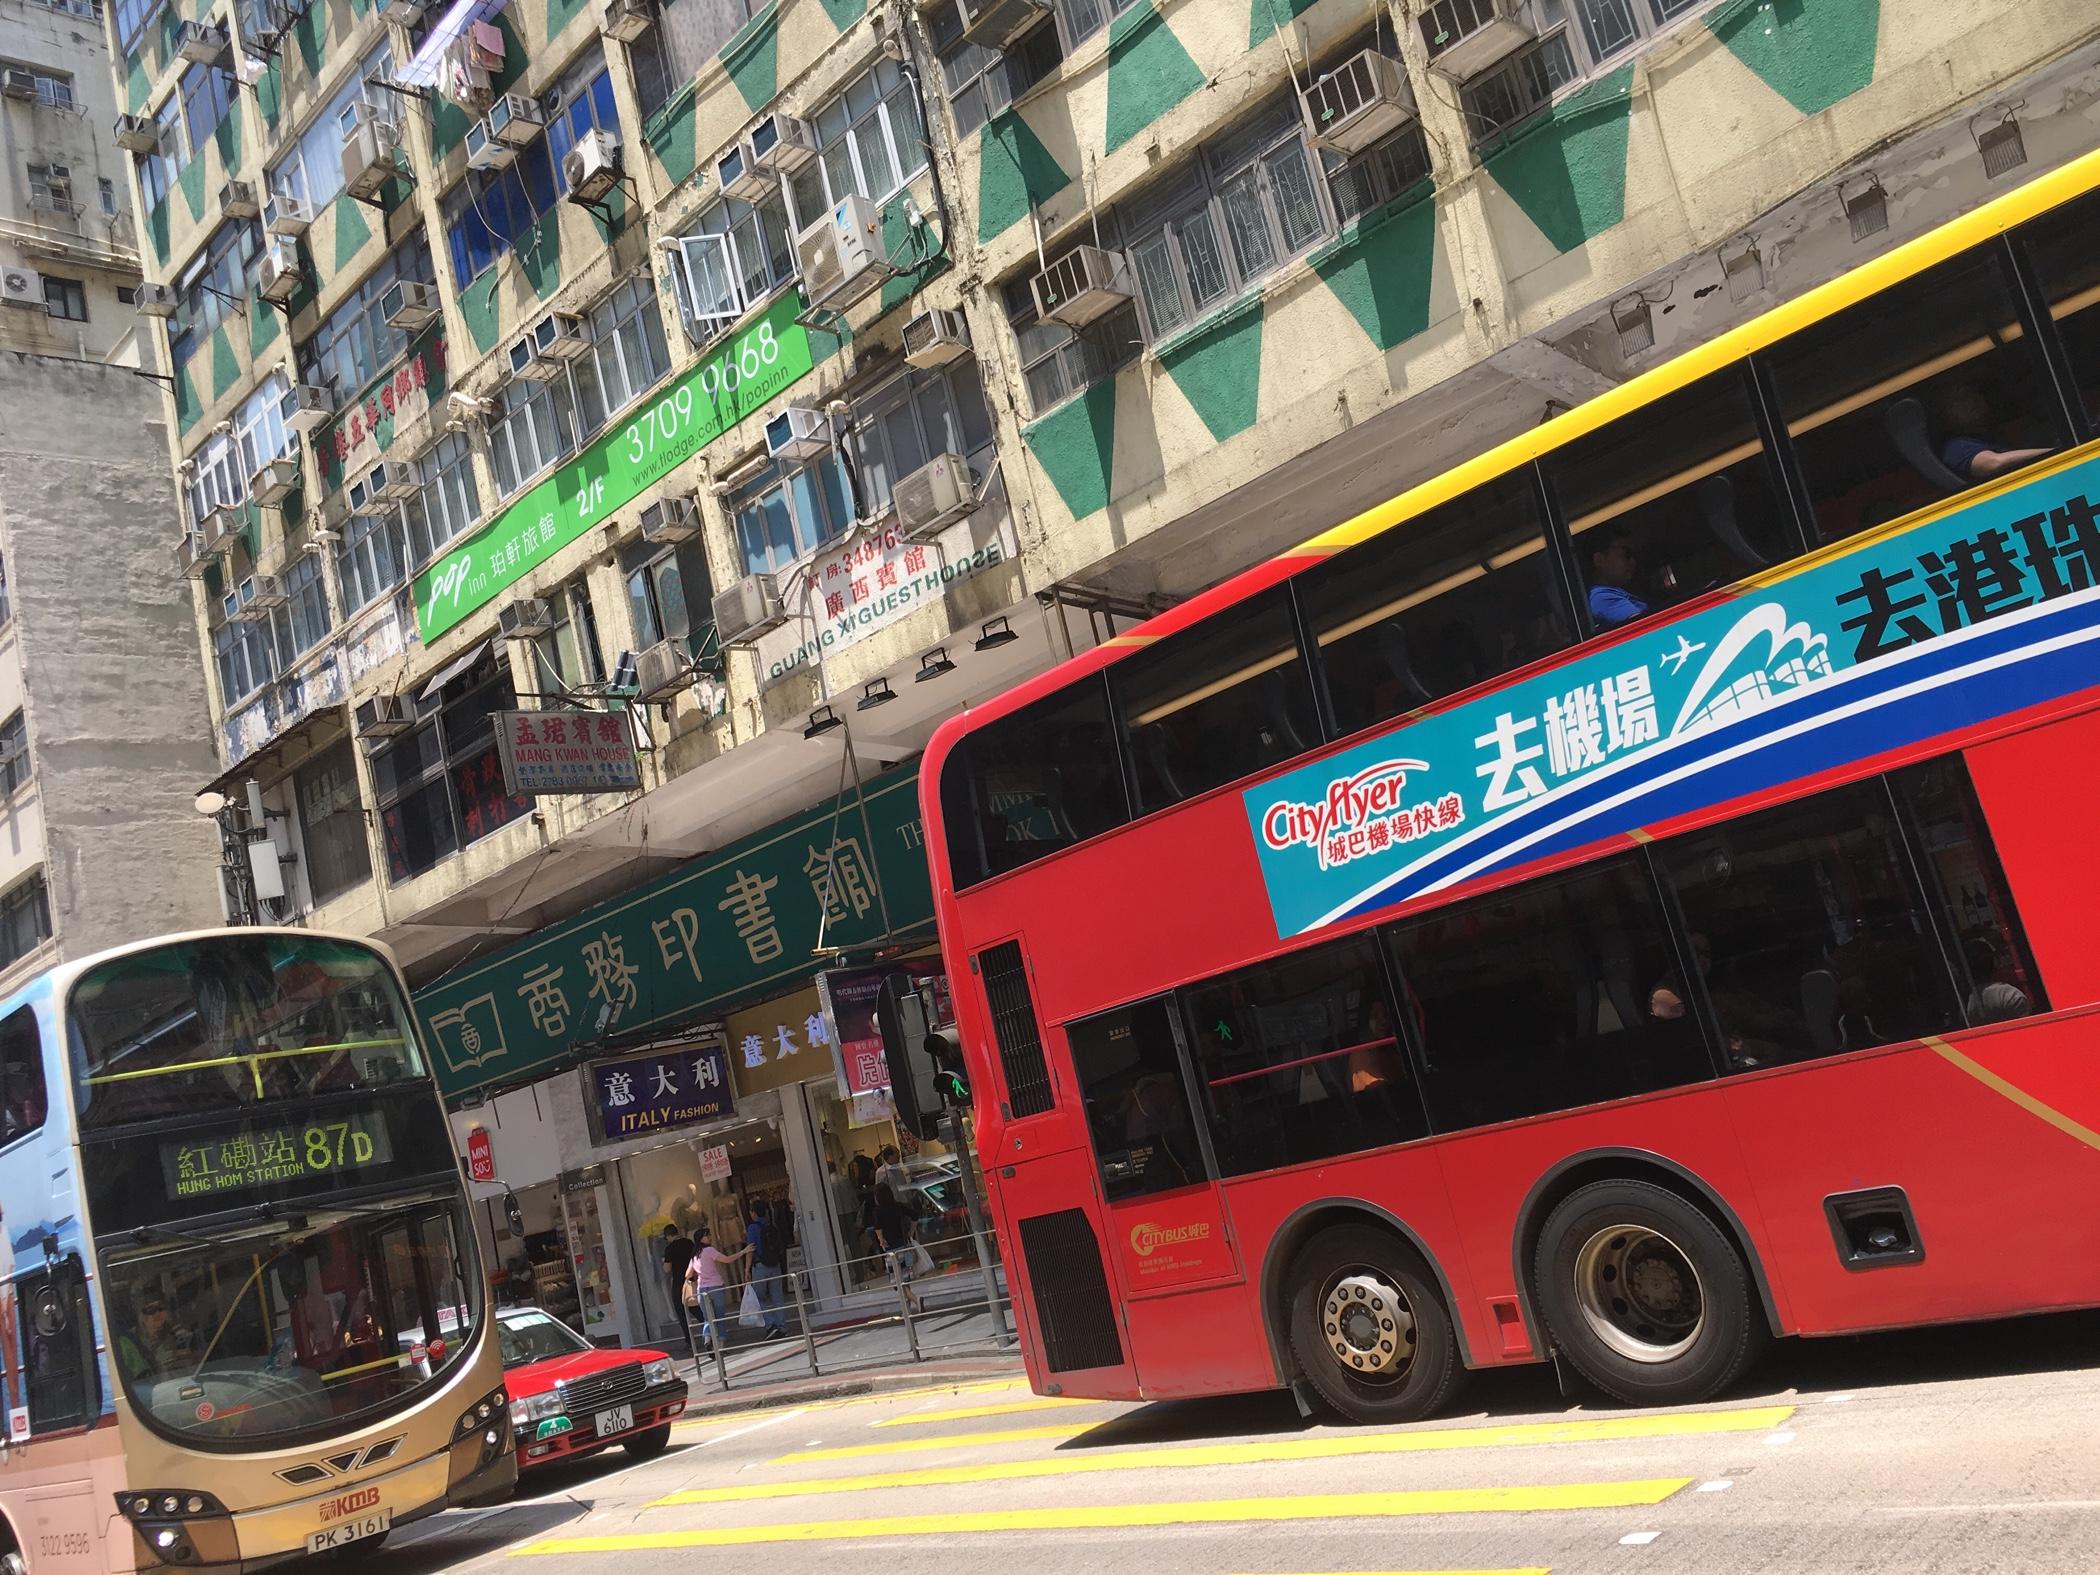 香港🇭🇰2日目 5/12  ネイザンロード沿いの雑貨店など